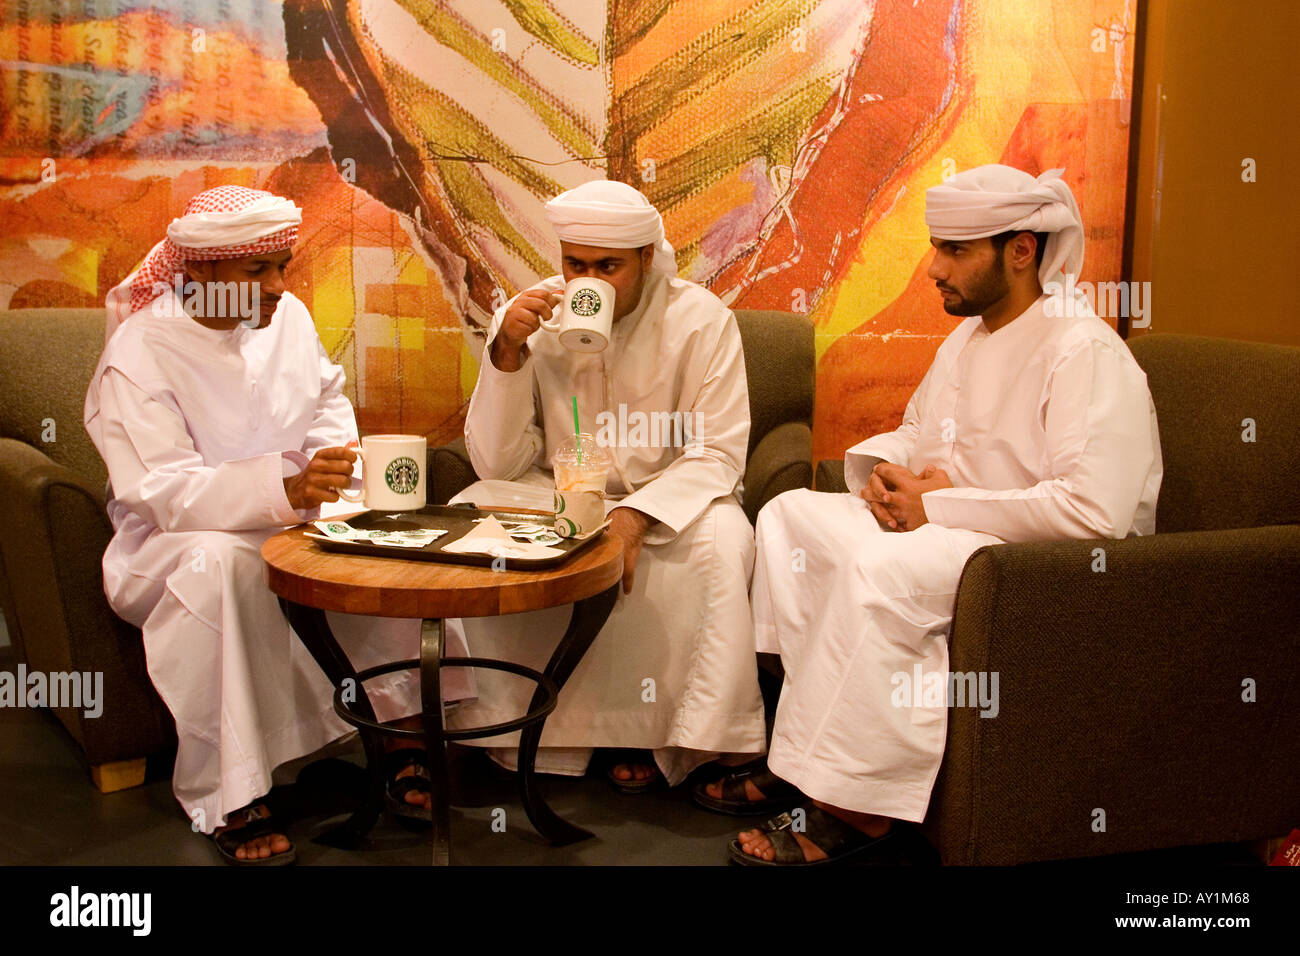 Junge arabische Männer mit traditioneller Kleidung sitzen im Starbucks Café in Deira City Center Einkaufszentrum Dubai Vereinigte Arabische Emirate Stockbild